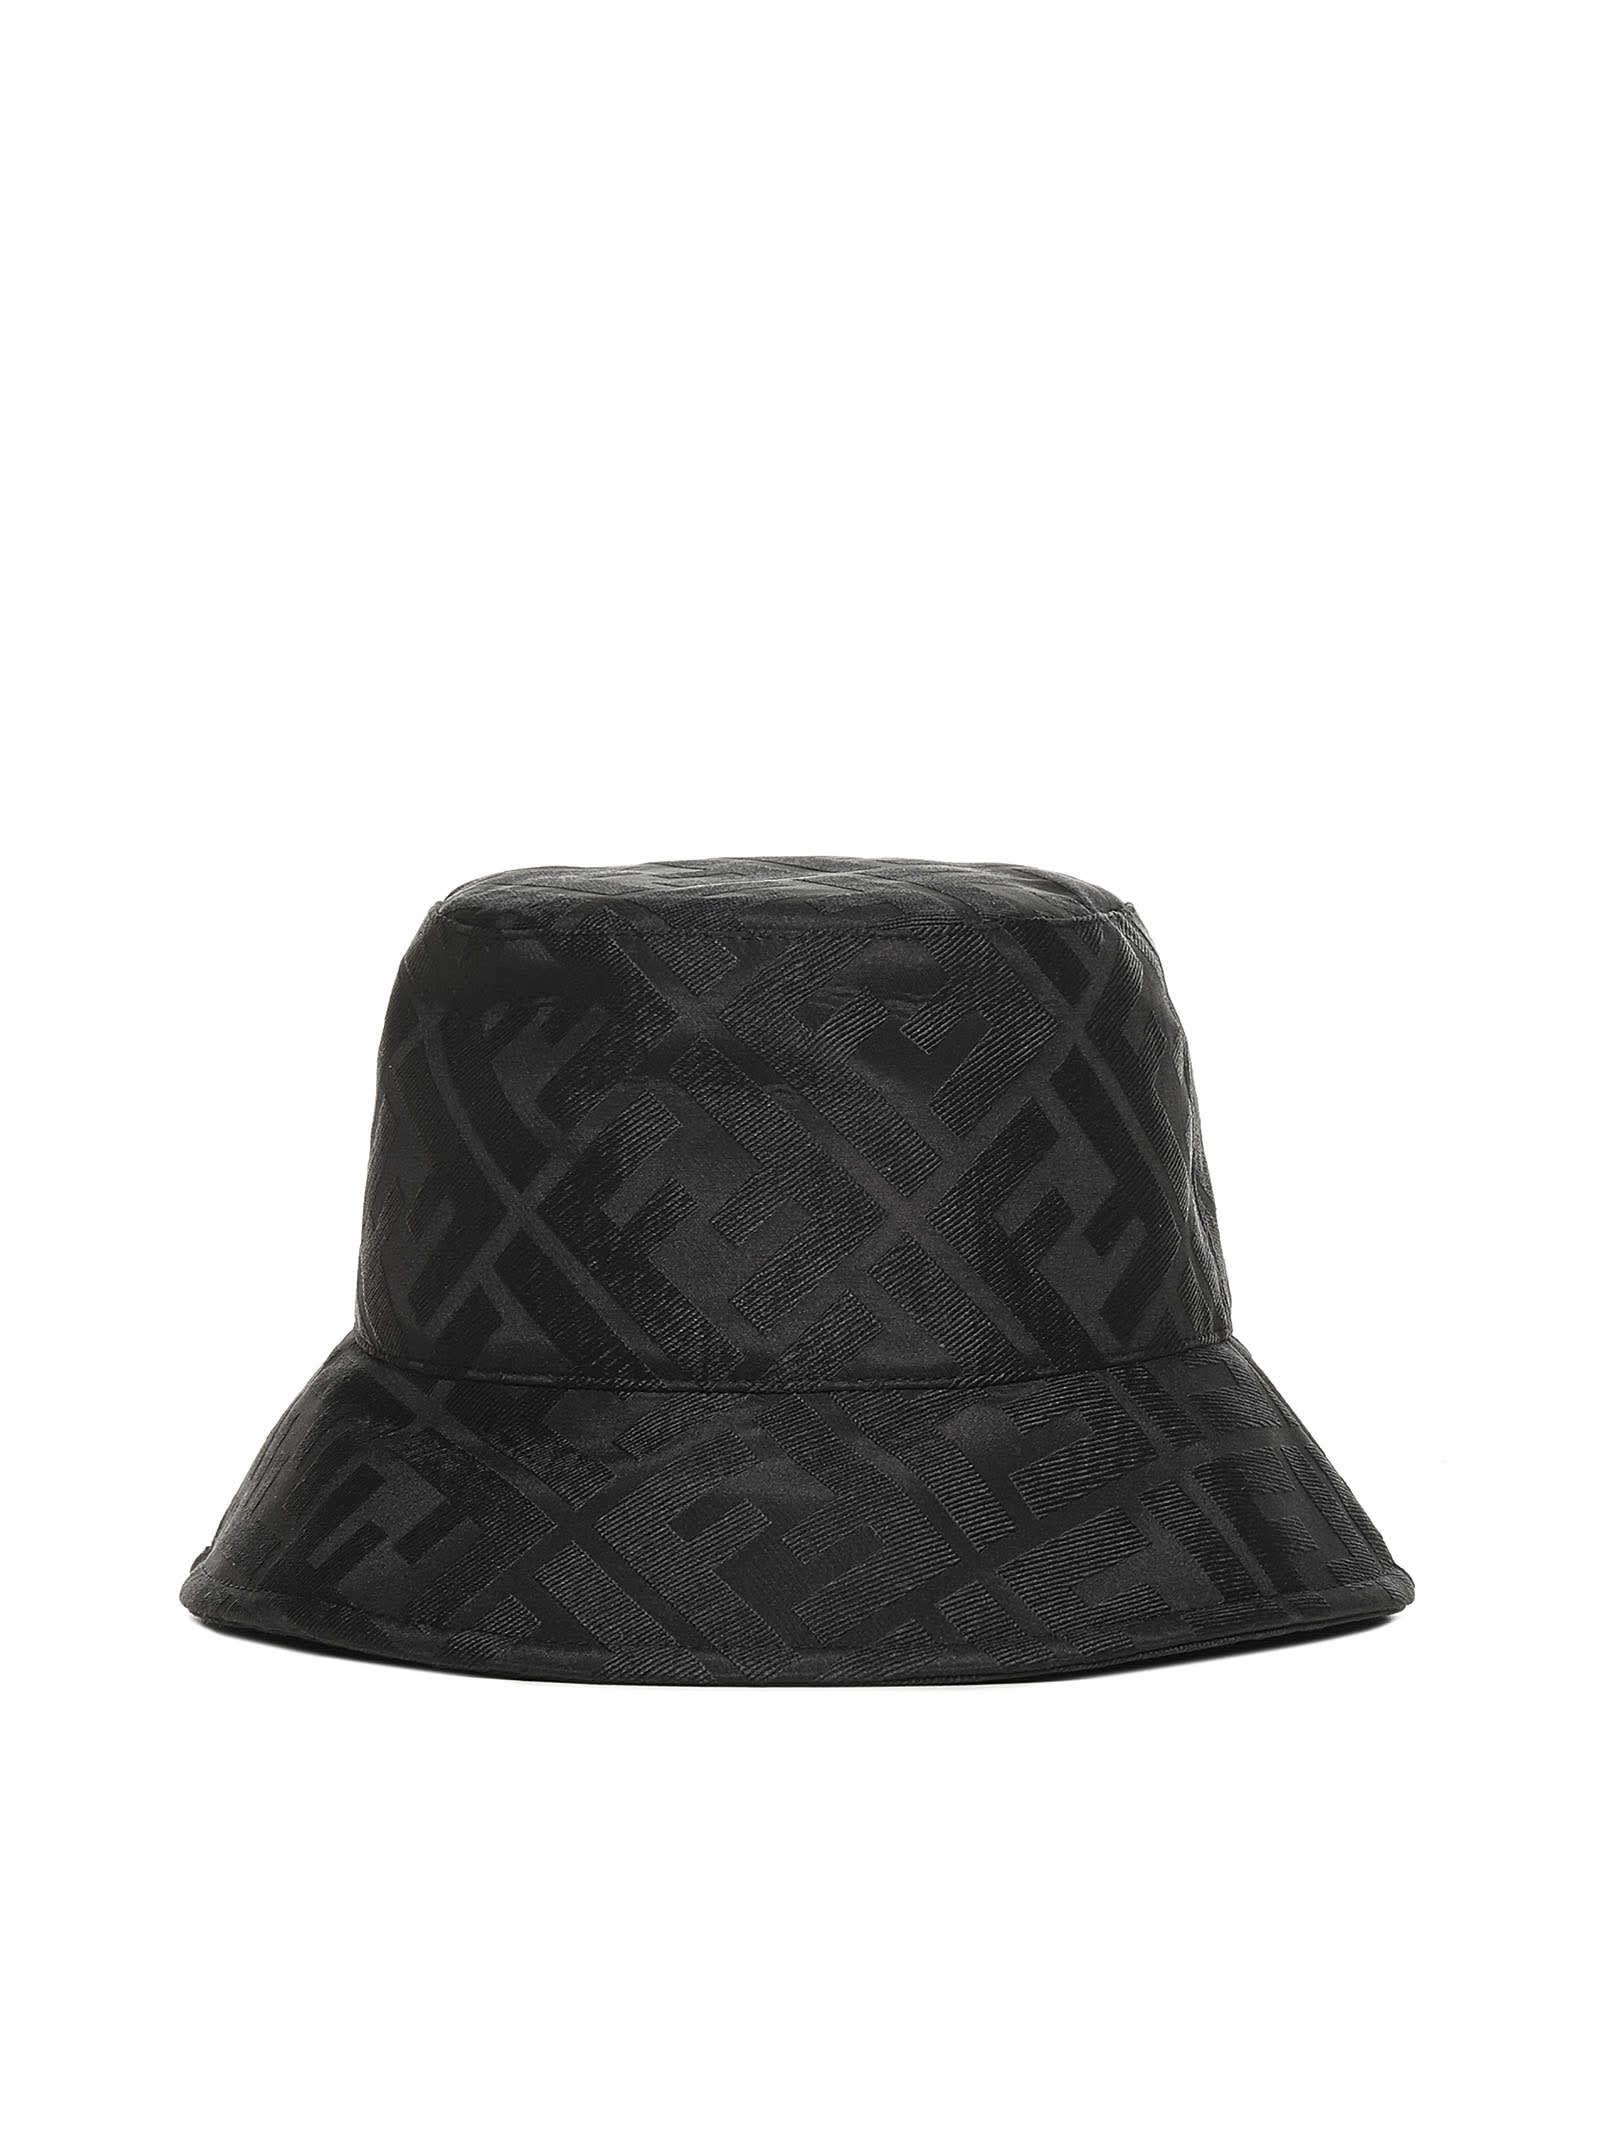 Hat In 2021 Fendi Hat Fendi Hats